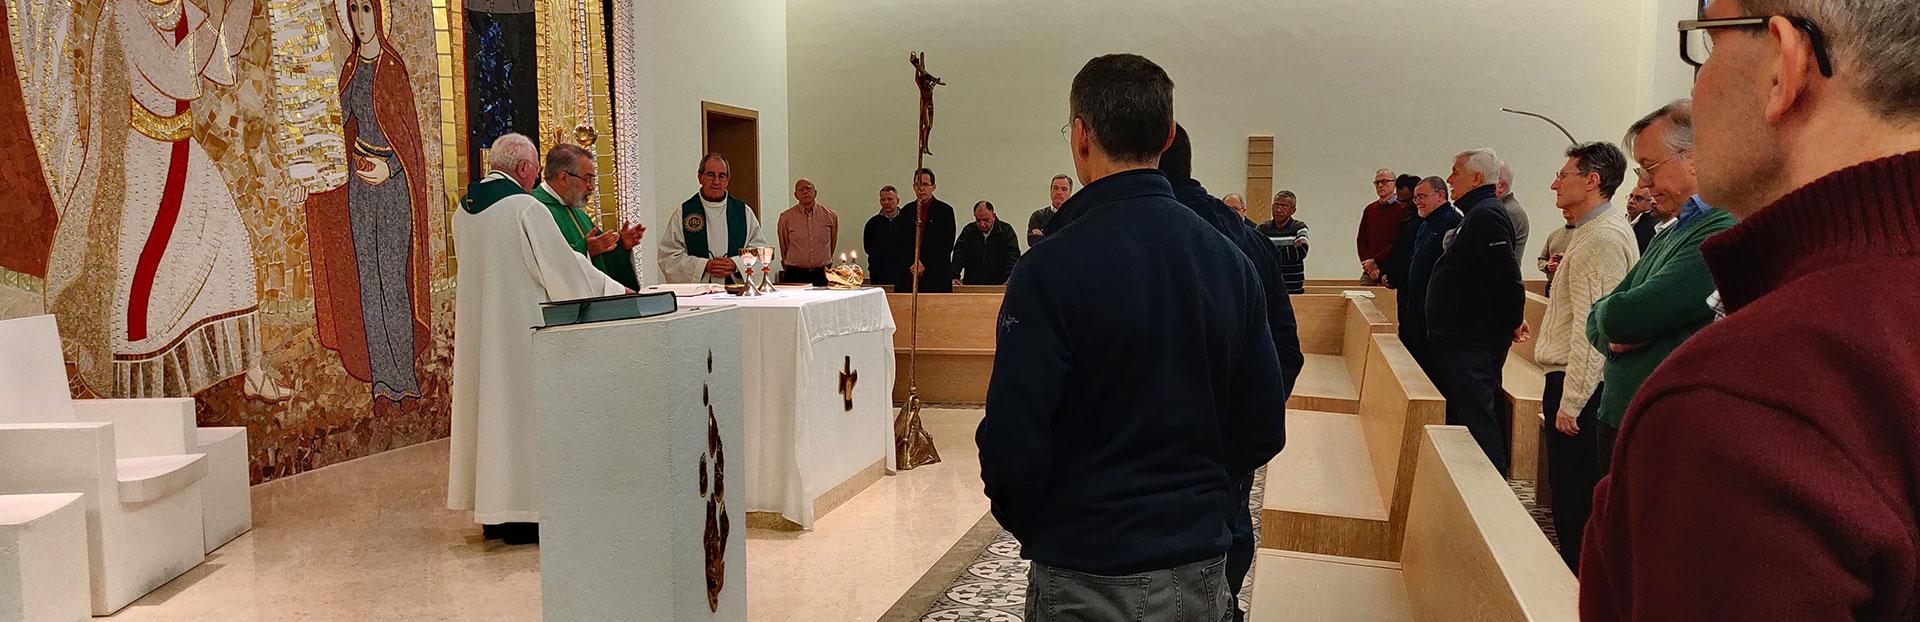 La povertà dei gesuiti ha un valore oggi?